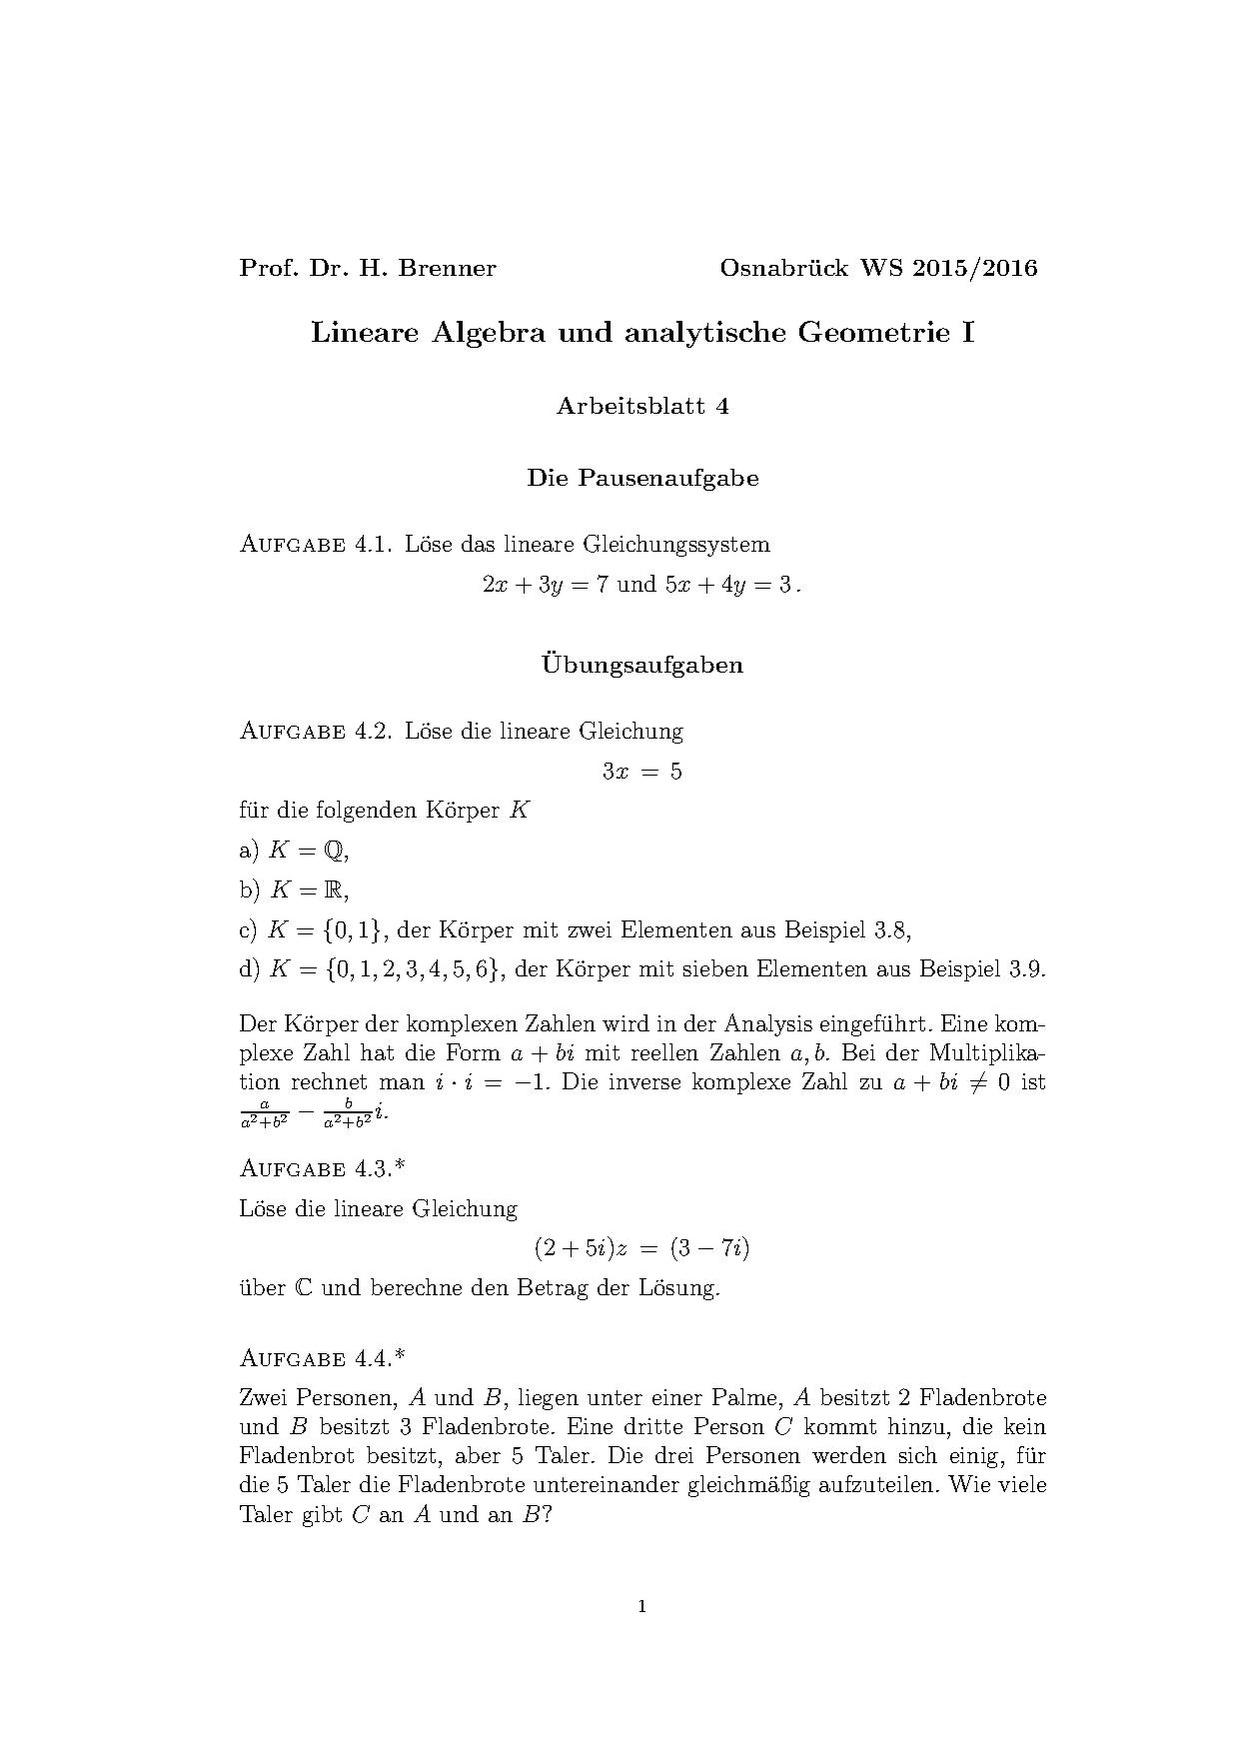 File:Lineare Algebra (Osnabrück 2015-2016)Teil IArbeitsblatt4.pdf ...